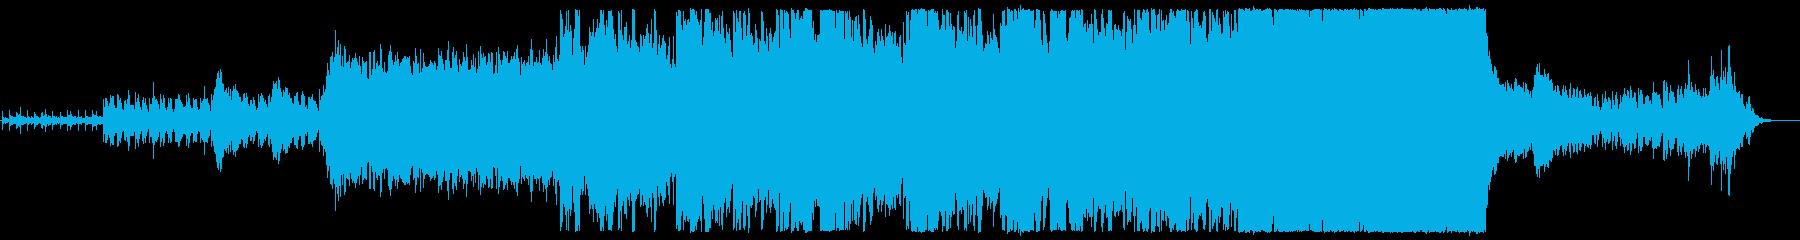 実験的 ロック ポストロック バト...の再生済みの波形